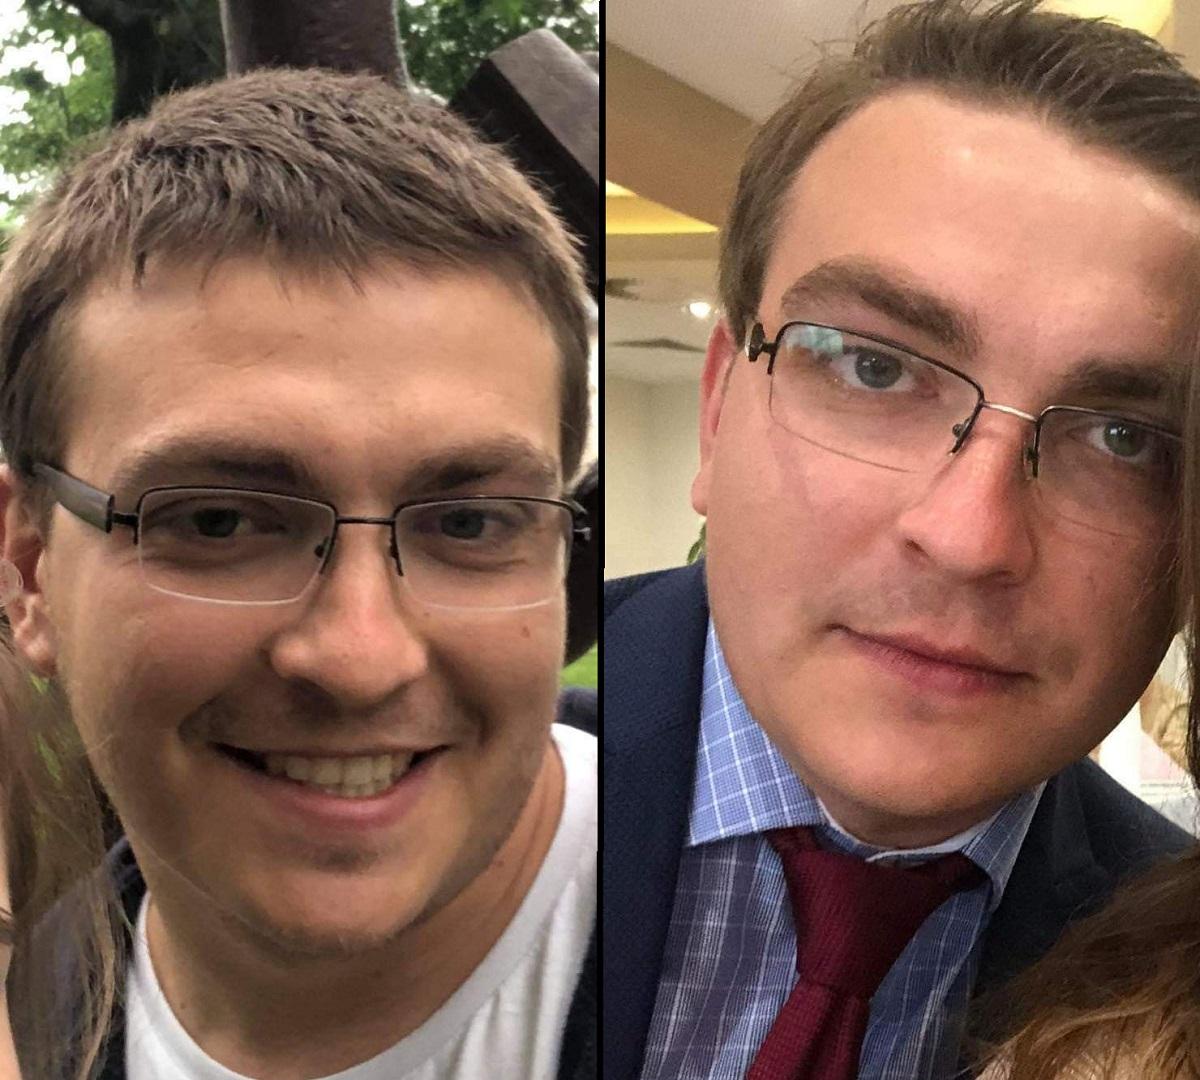 Wznowiono poszukiwania 25-latka na Żwirowni i Wisłoku - Zdjęcie główne